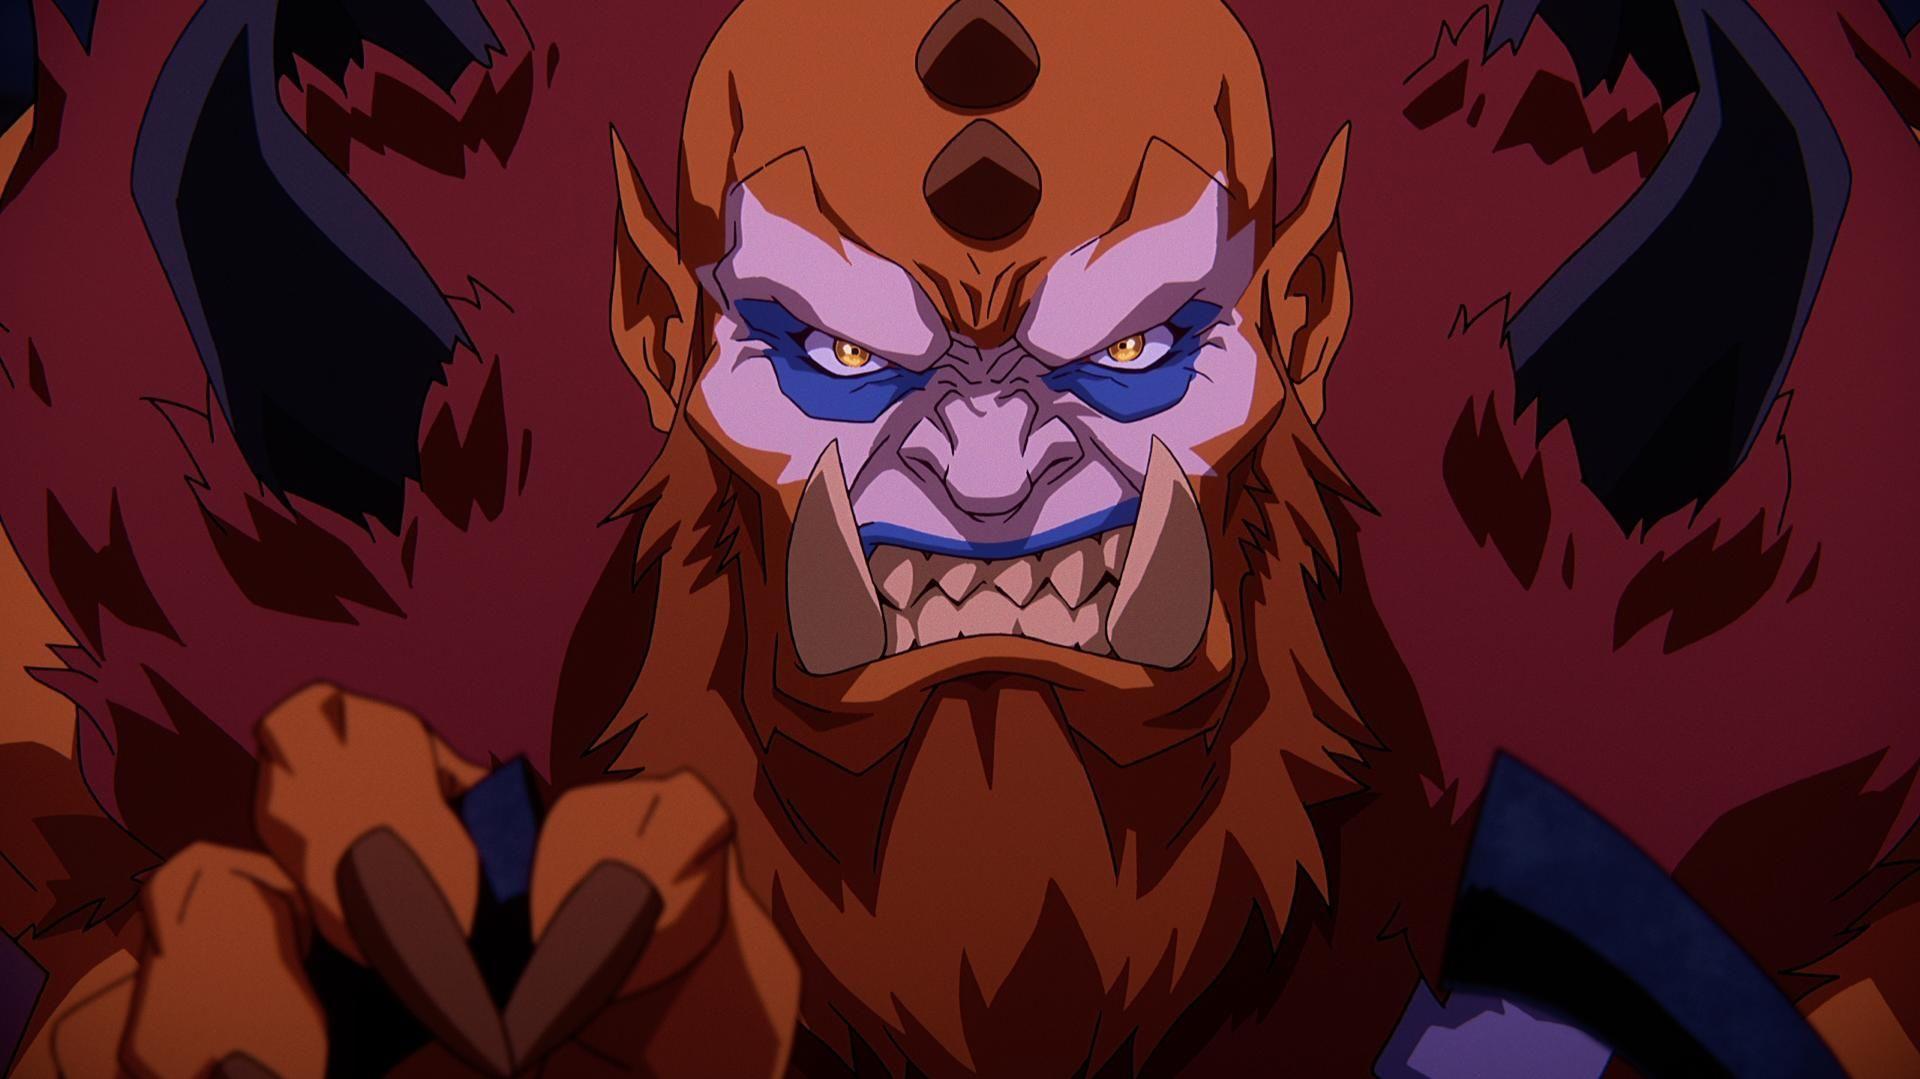 Mestres do Universo: Imagens de análise inicial revelam He-Man e Skeletor 3